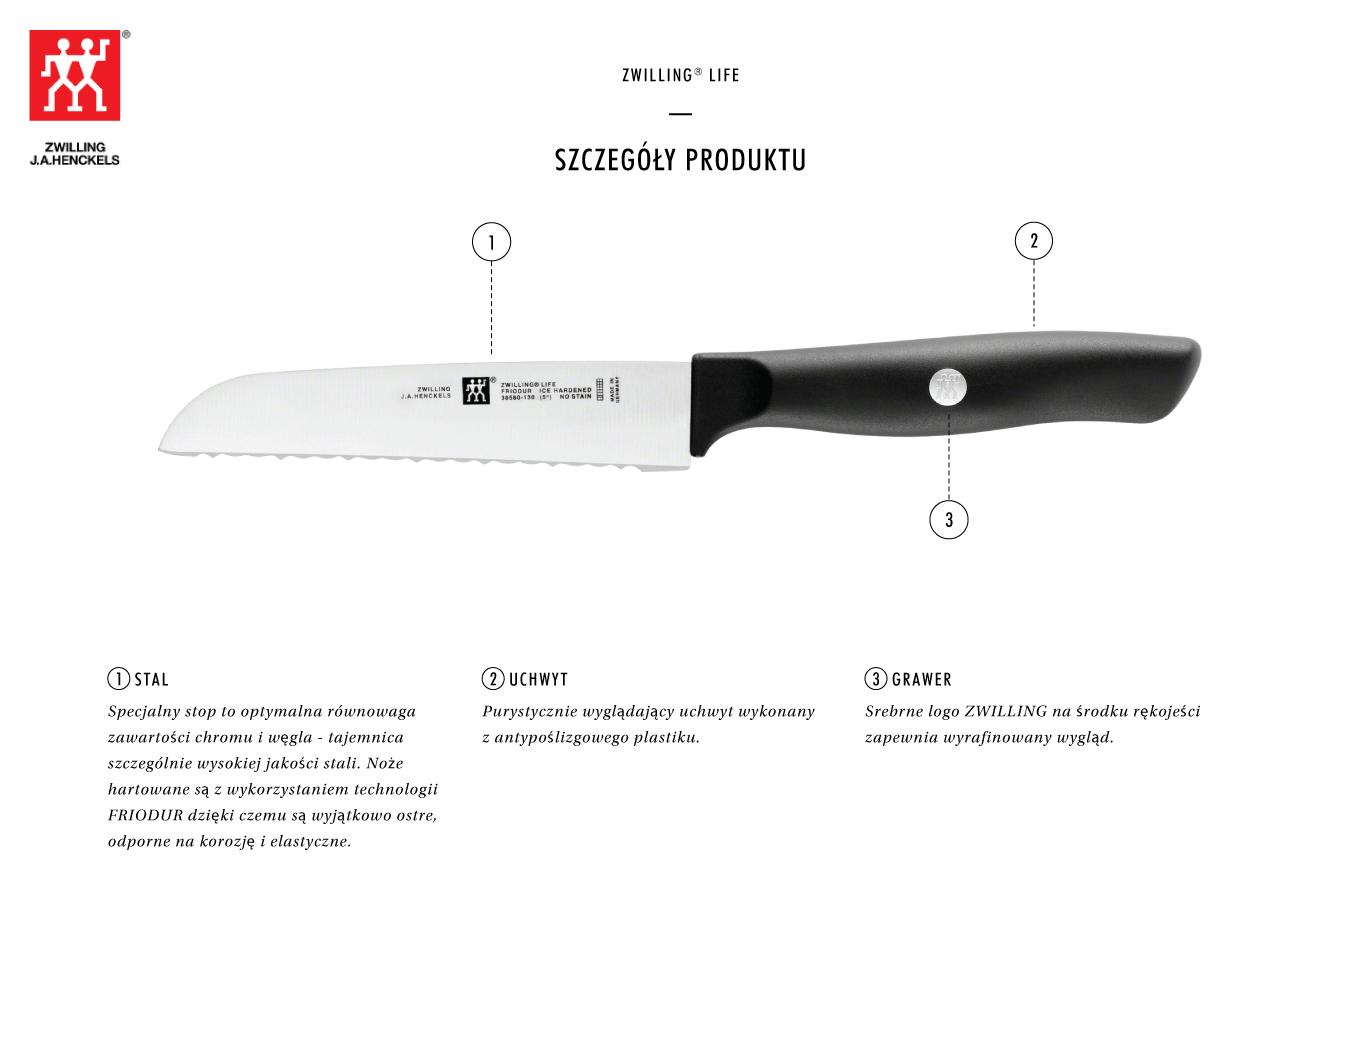 Dlaczego warto kupić nóż uniwersalny z ząbkami 15.1 Zwilling Life?